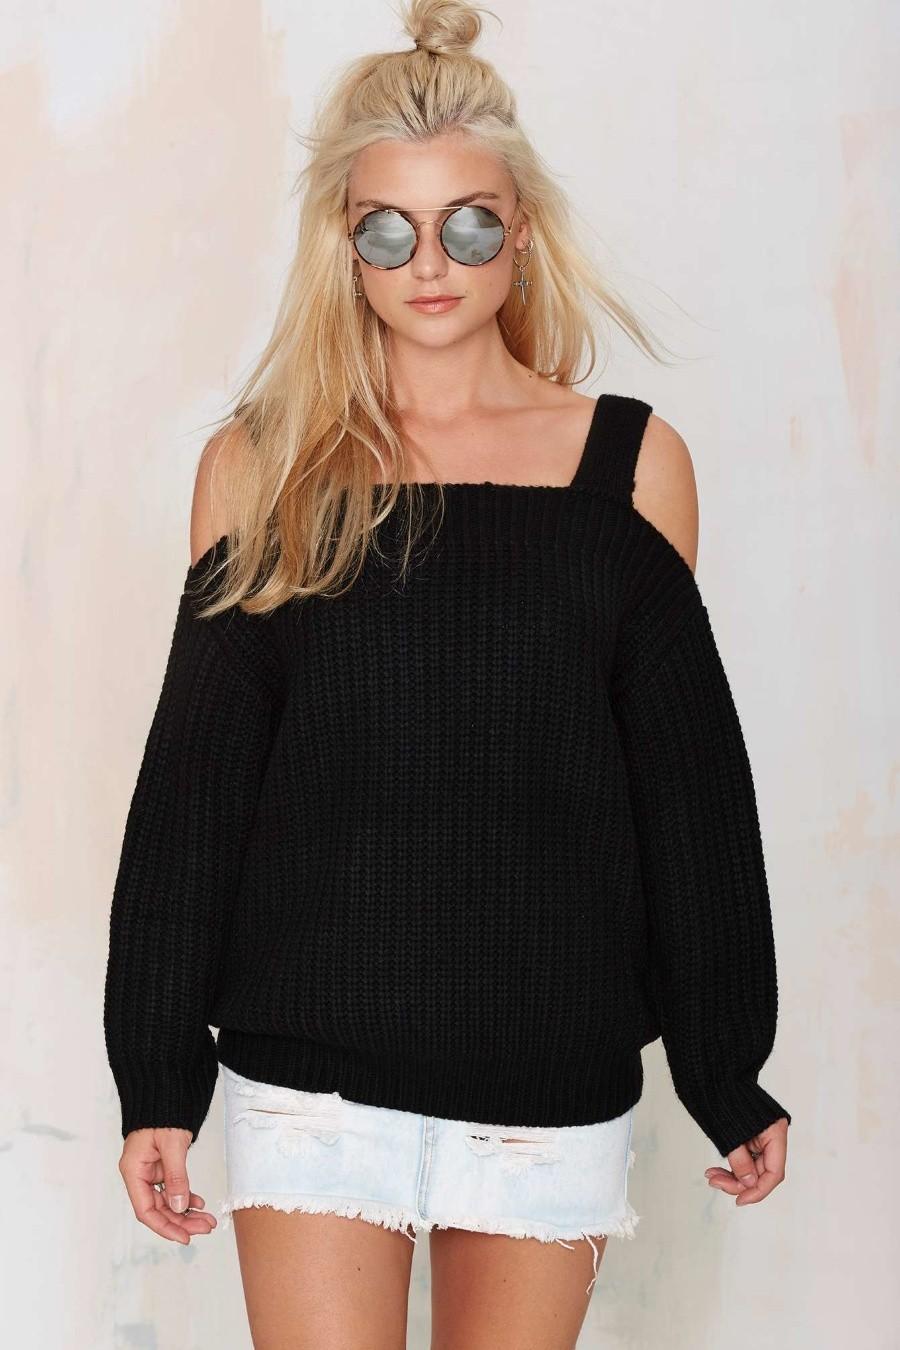 Модные свитера 2018 женские: вязаный свитер черного цвета